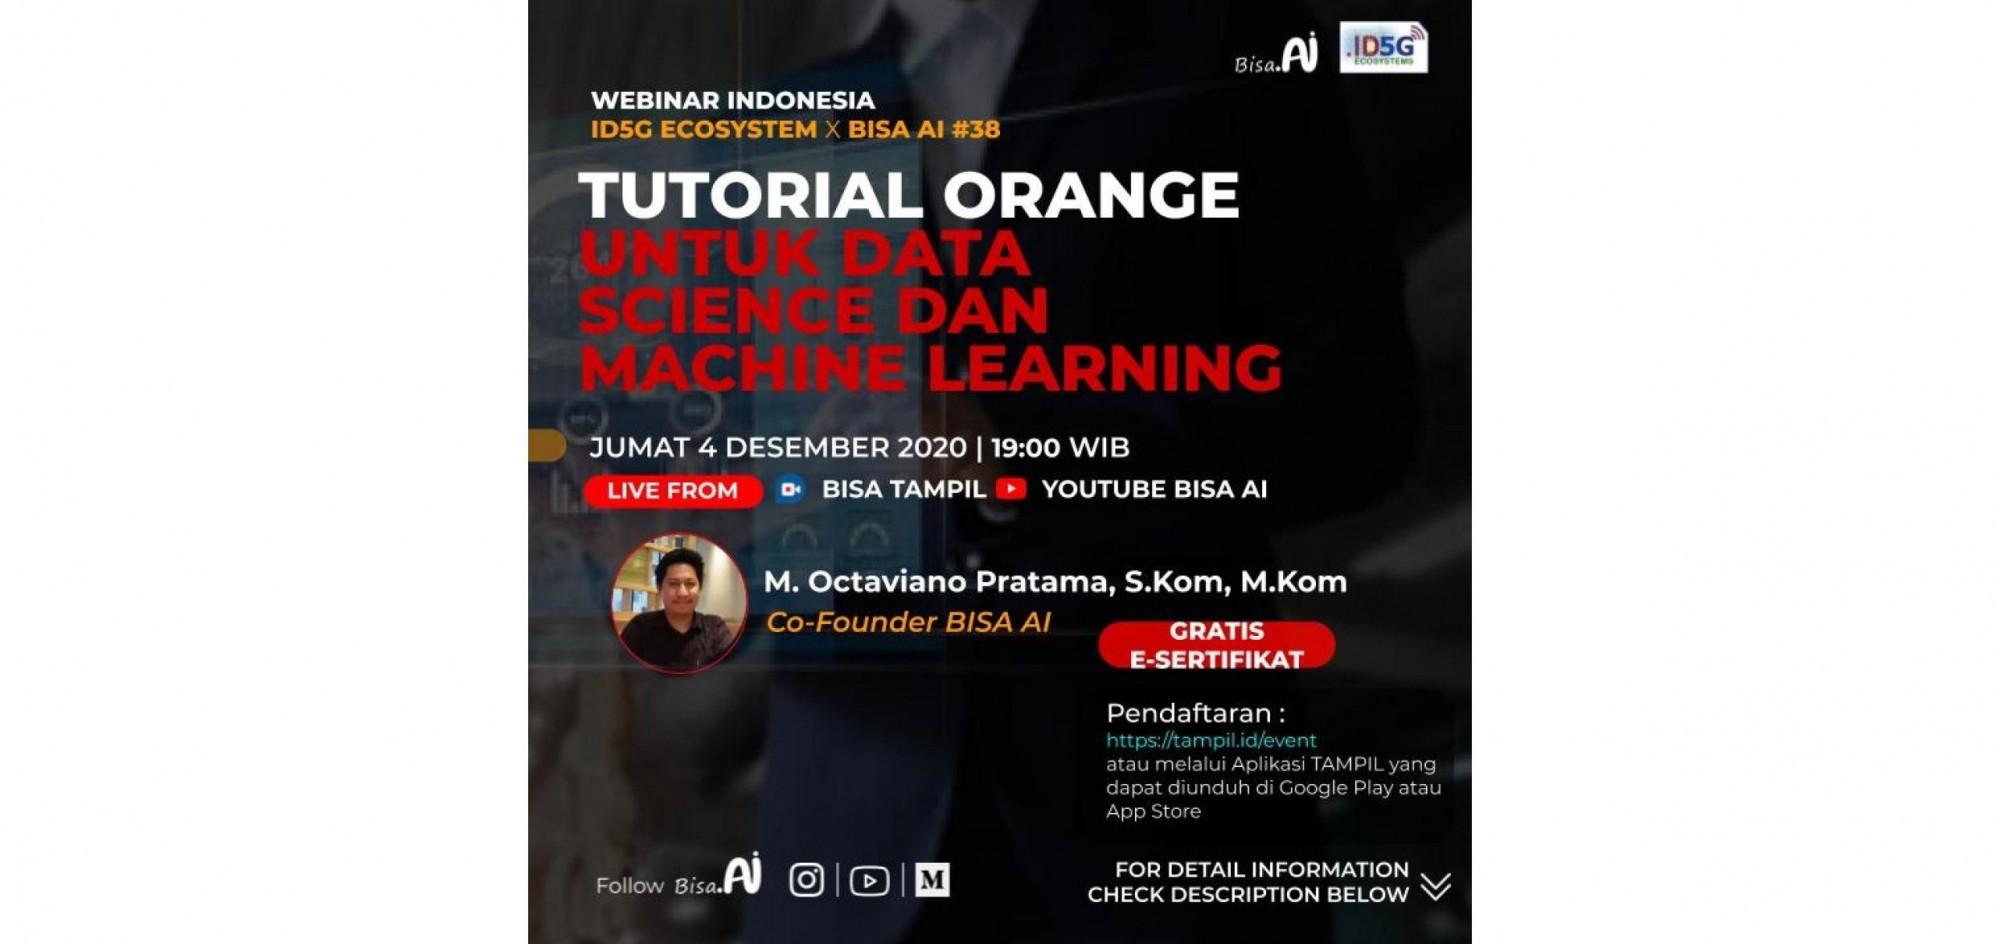 Tutorial Orange Untuk Data Science dan Machine Learning